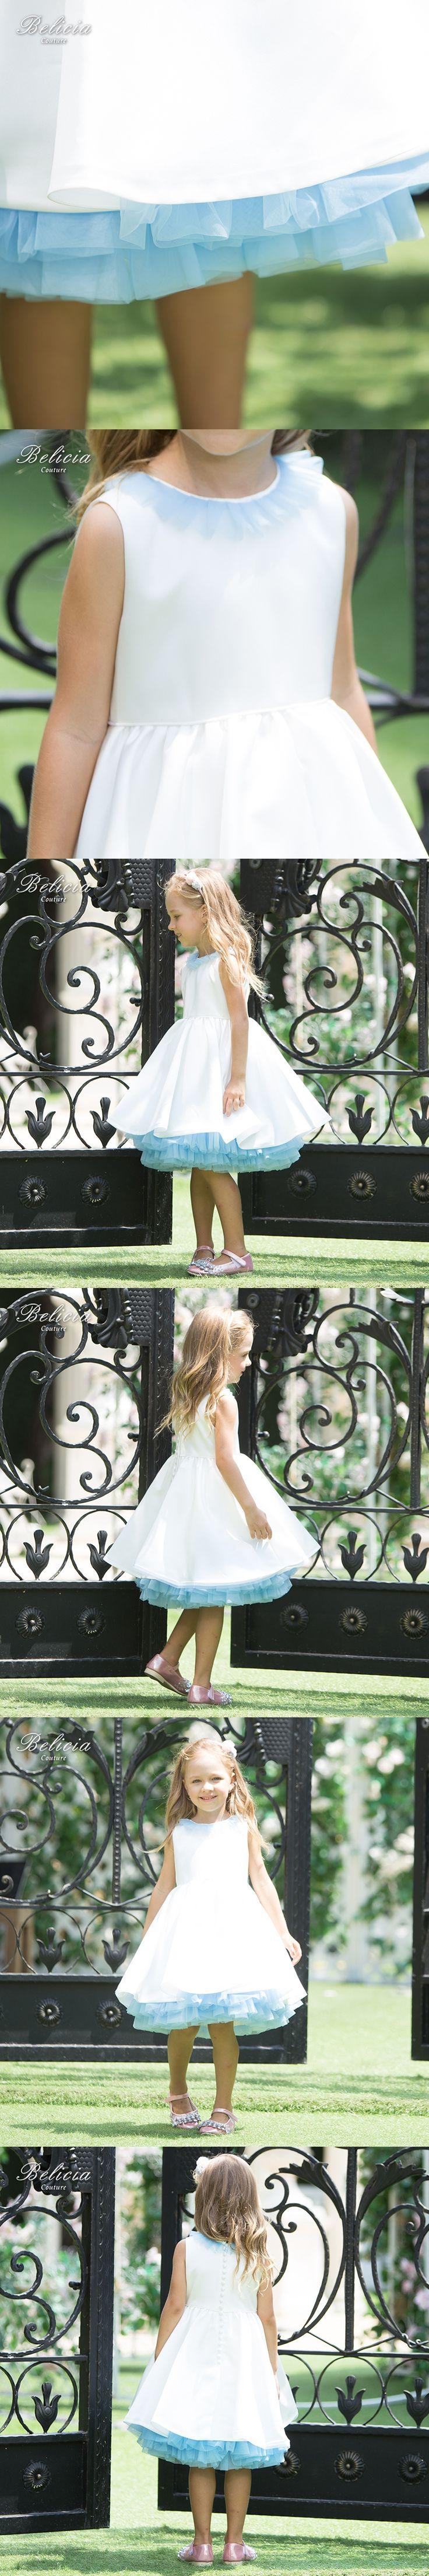 Belicia Couture Flower Girl Dress For Weddings Write Sleeveless Knee length Children First Communion Dresses for Girls